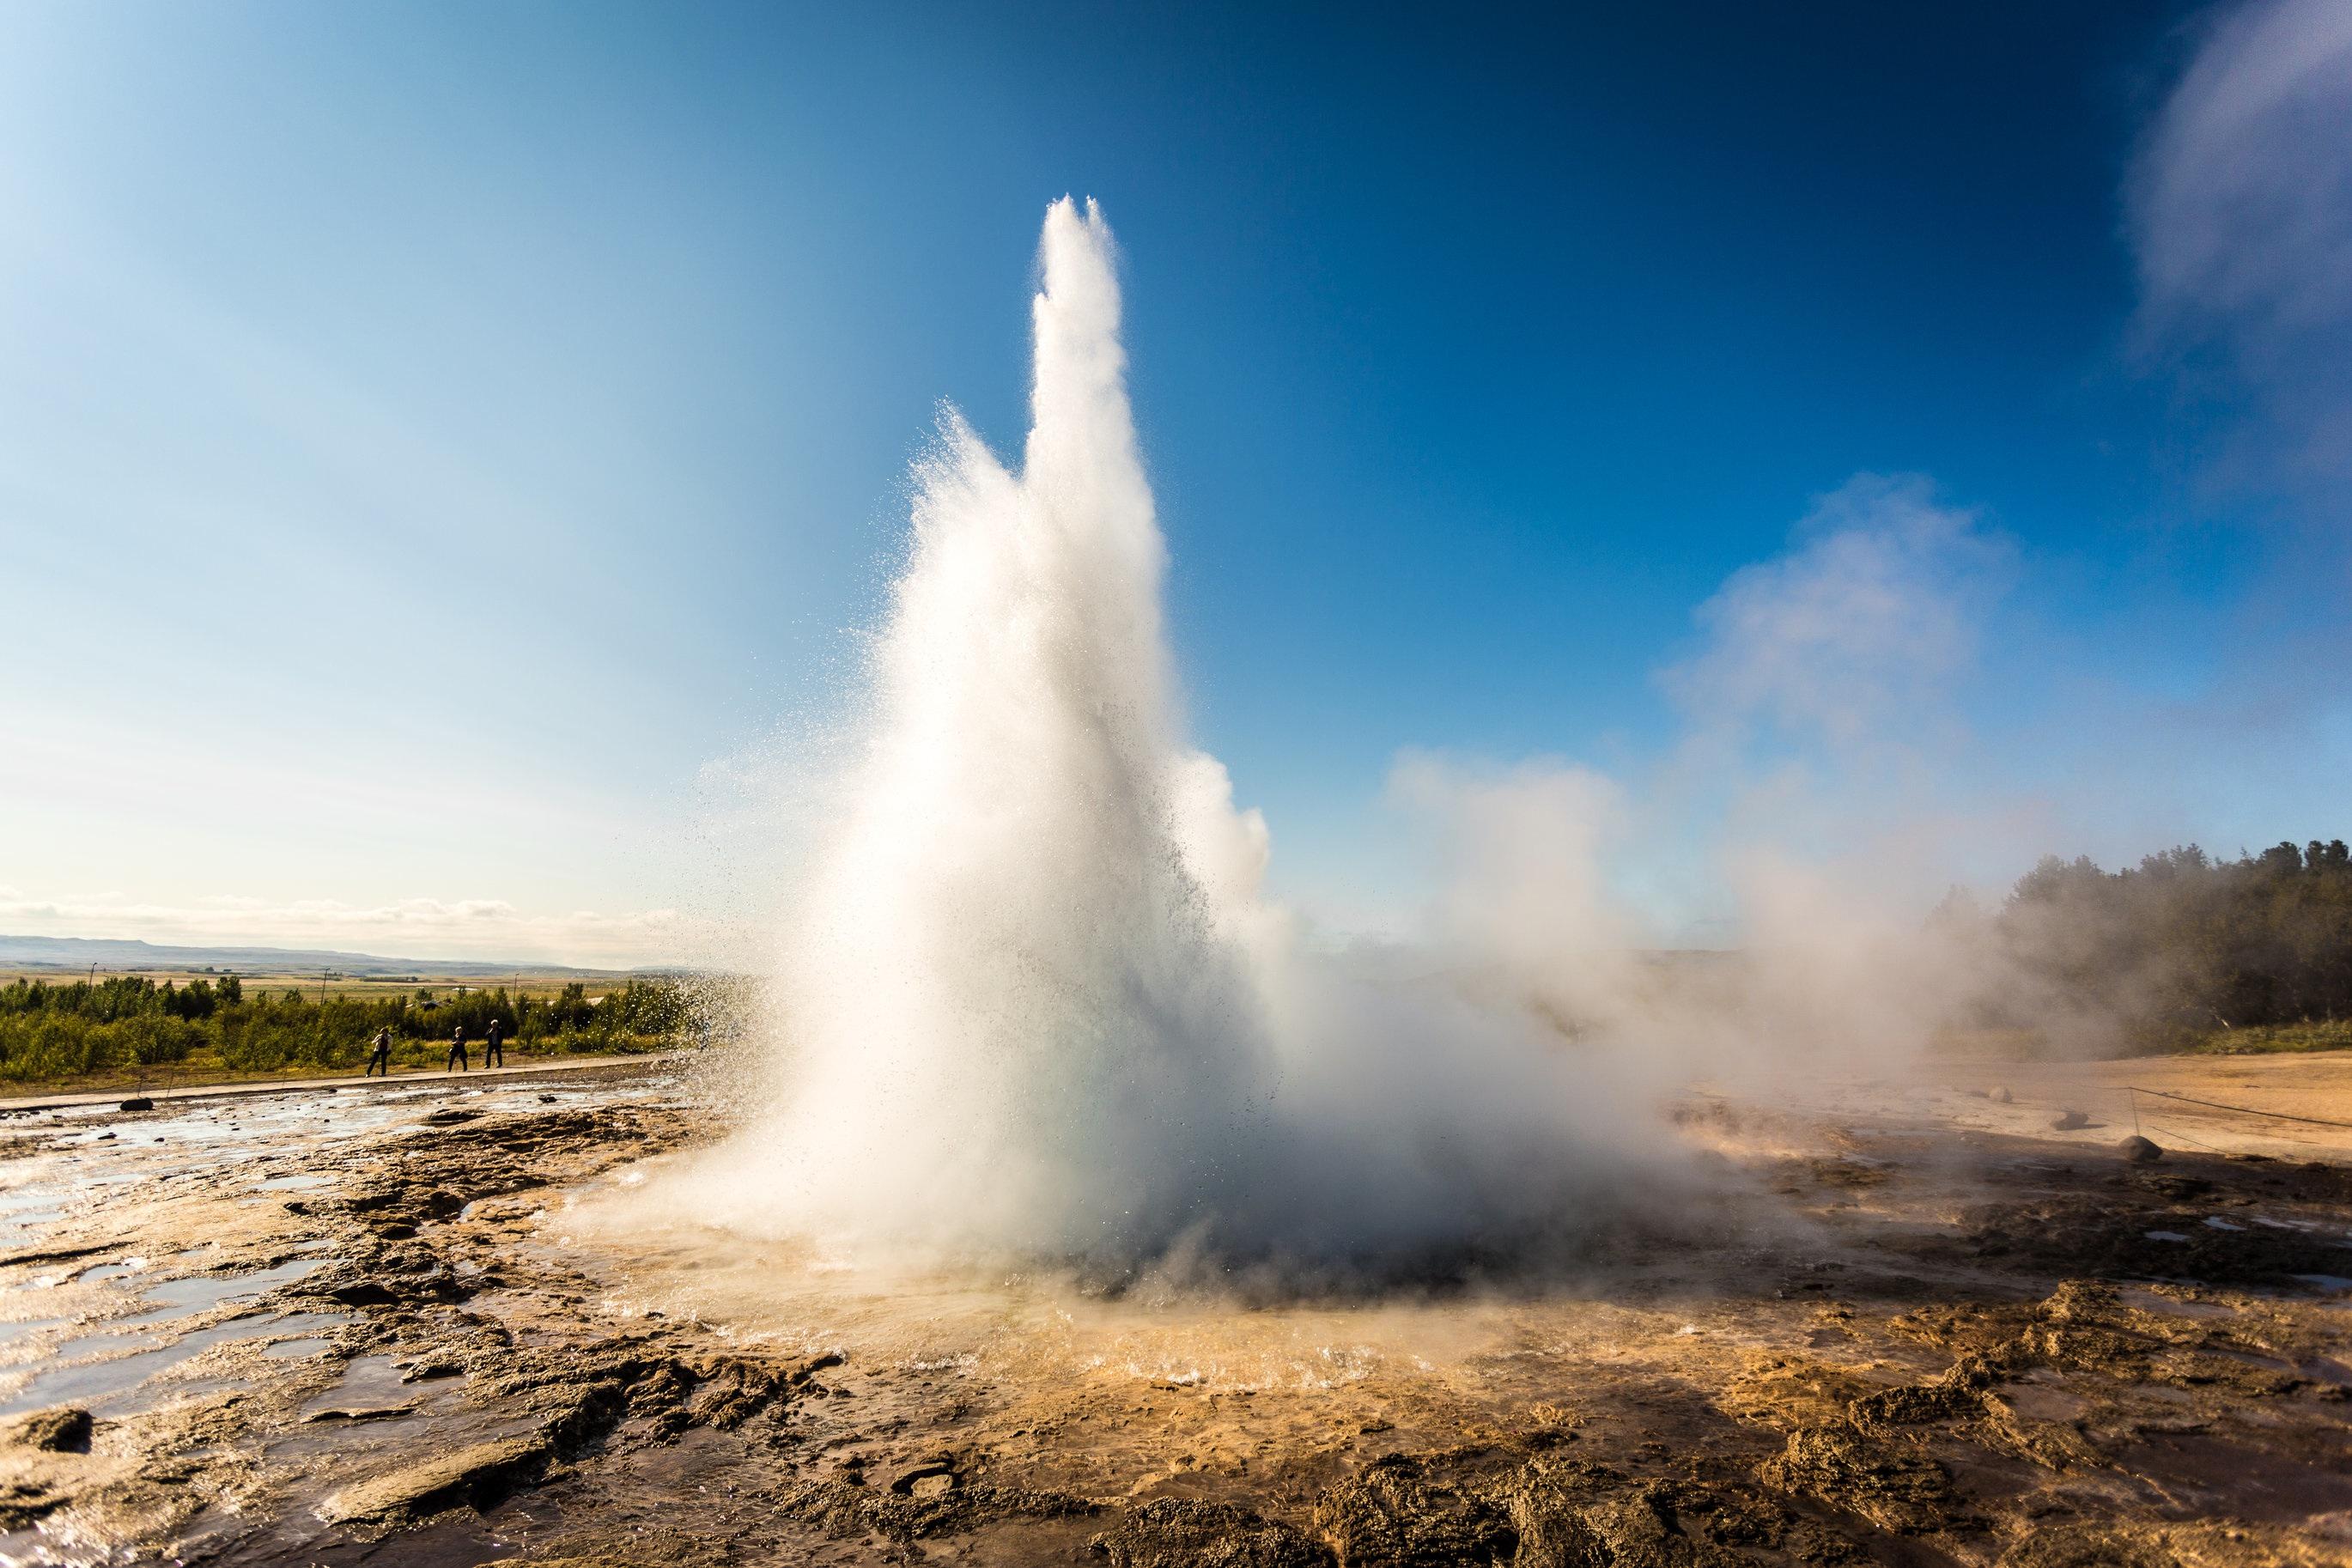 Ogni 5-10 minuti, il geyser Strokkur erutta acqua calda fino a un massimo di 40 m (130 piedi) di altezza.